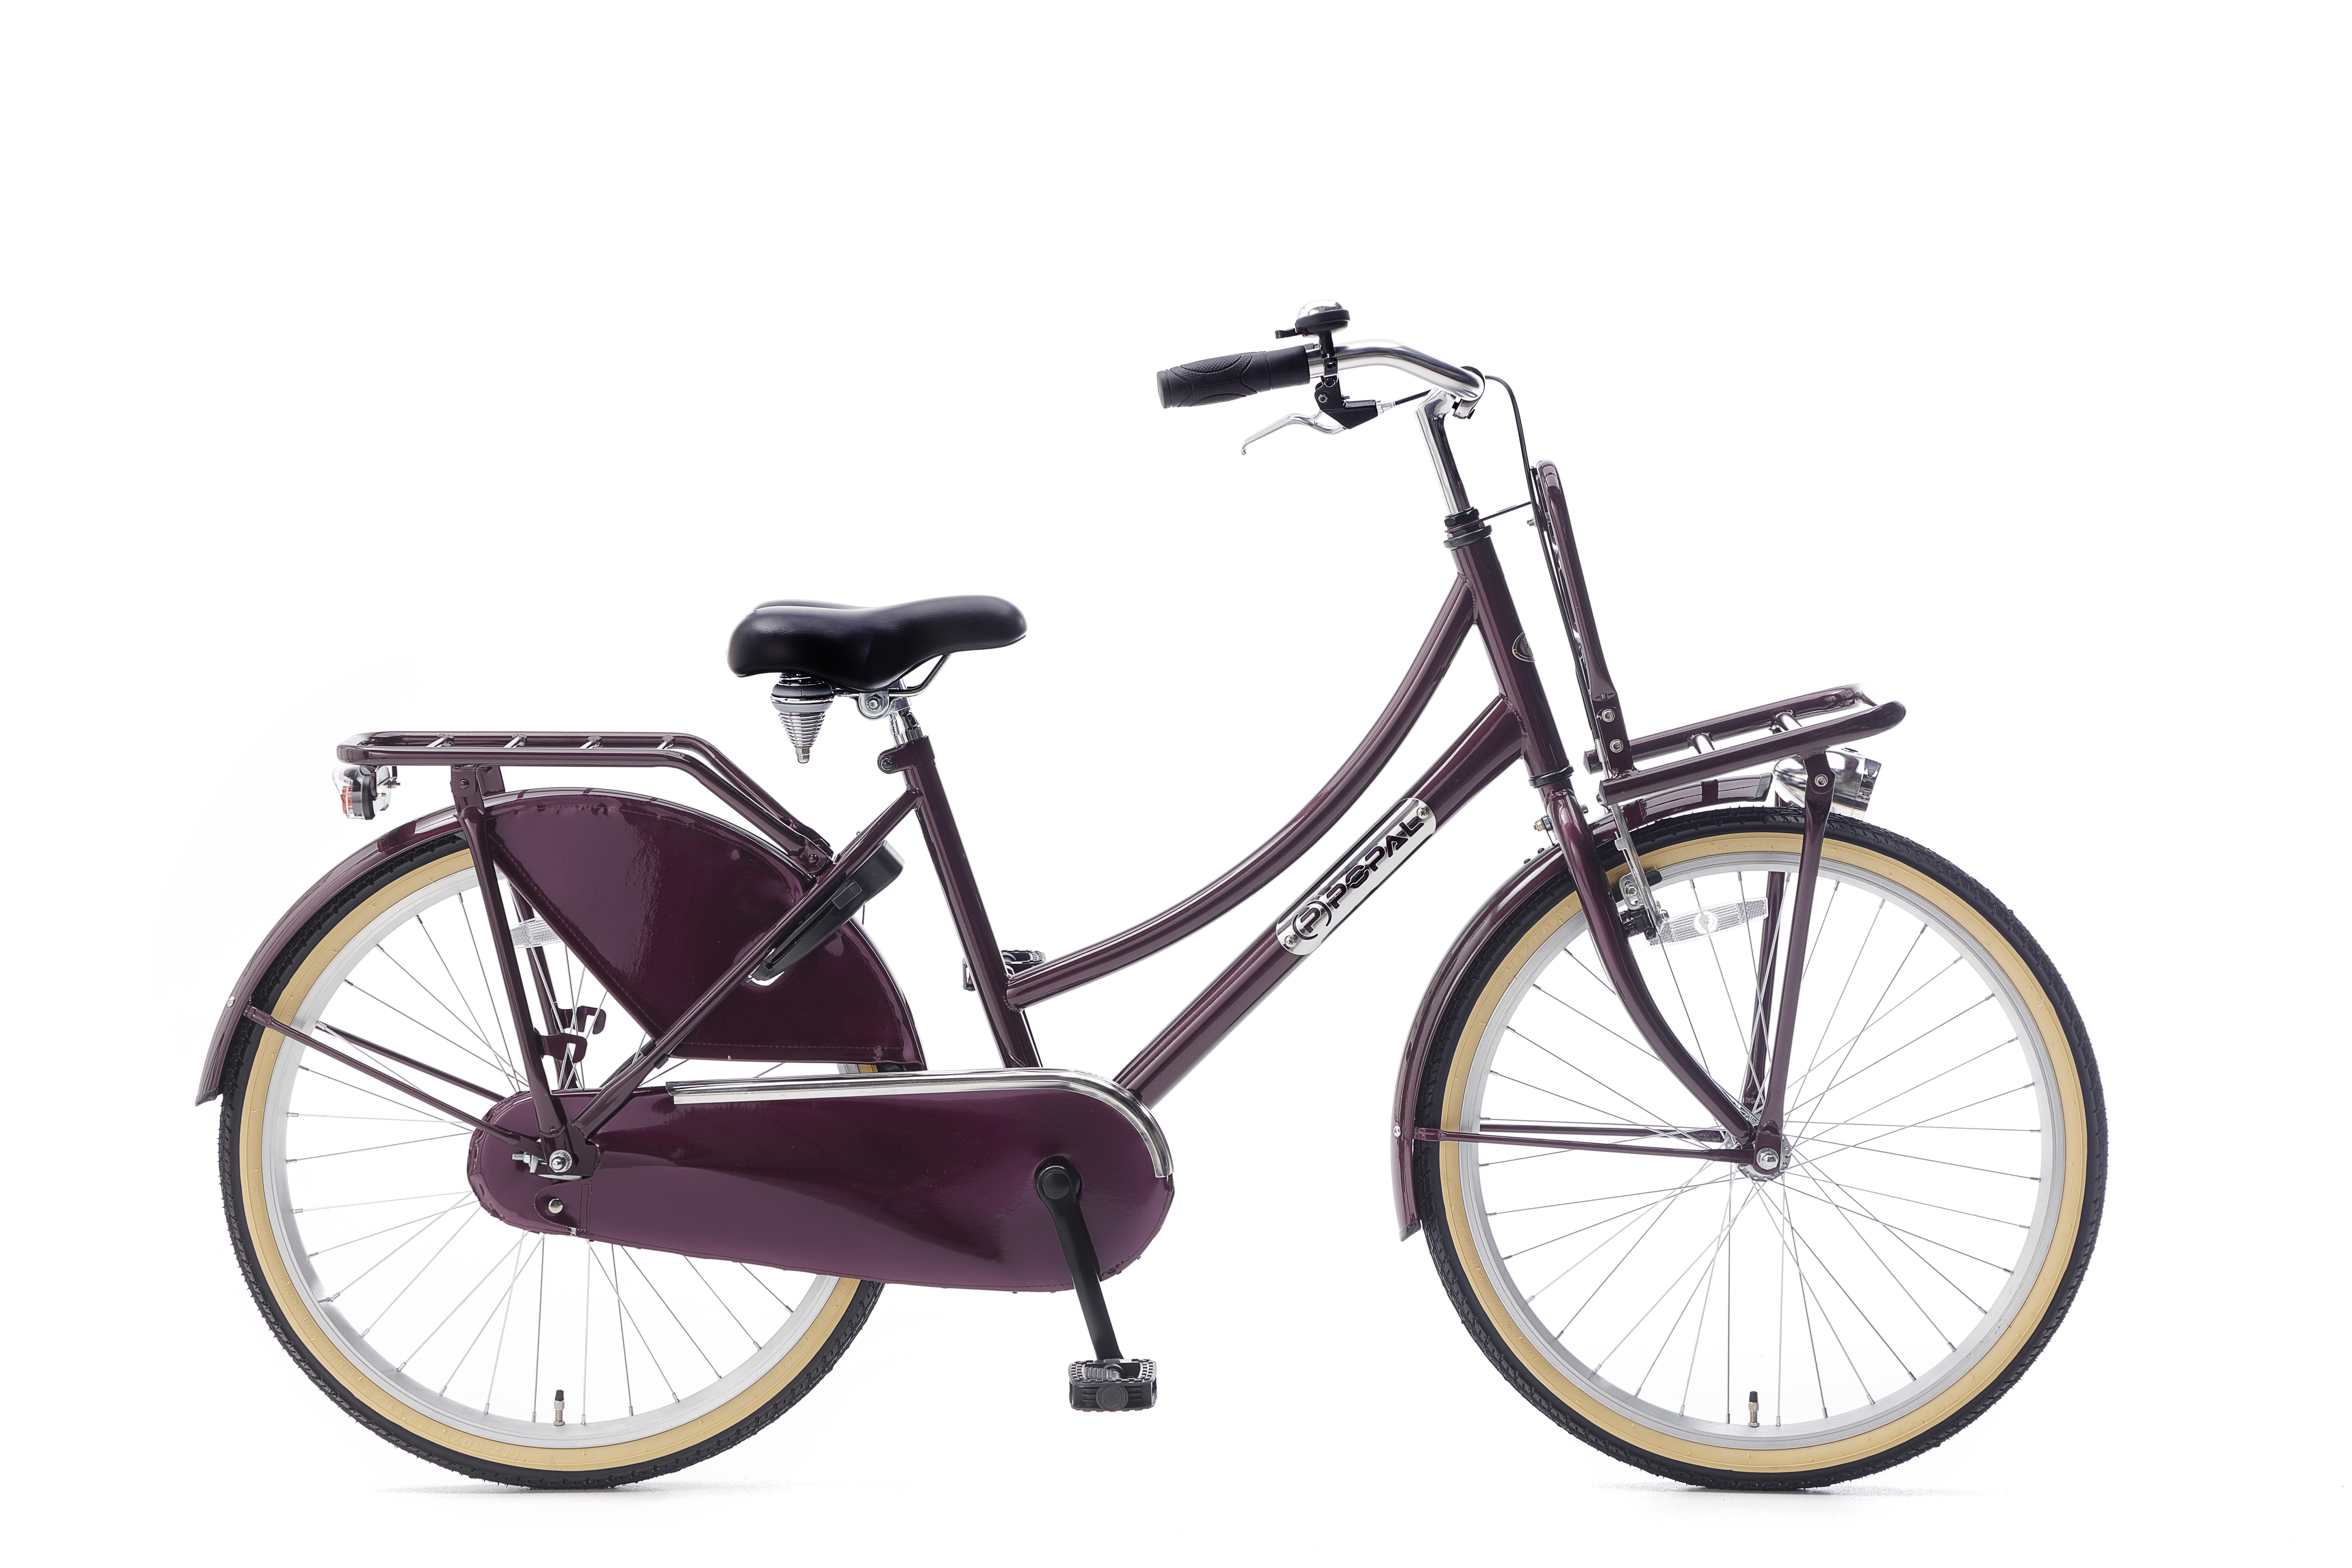 https://fietsenhalsteenwijk.files.wordpress.com/2019/01/dailey-dutch-paars.jpg